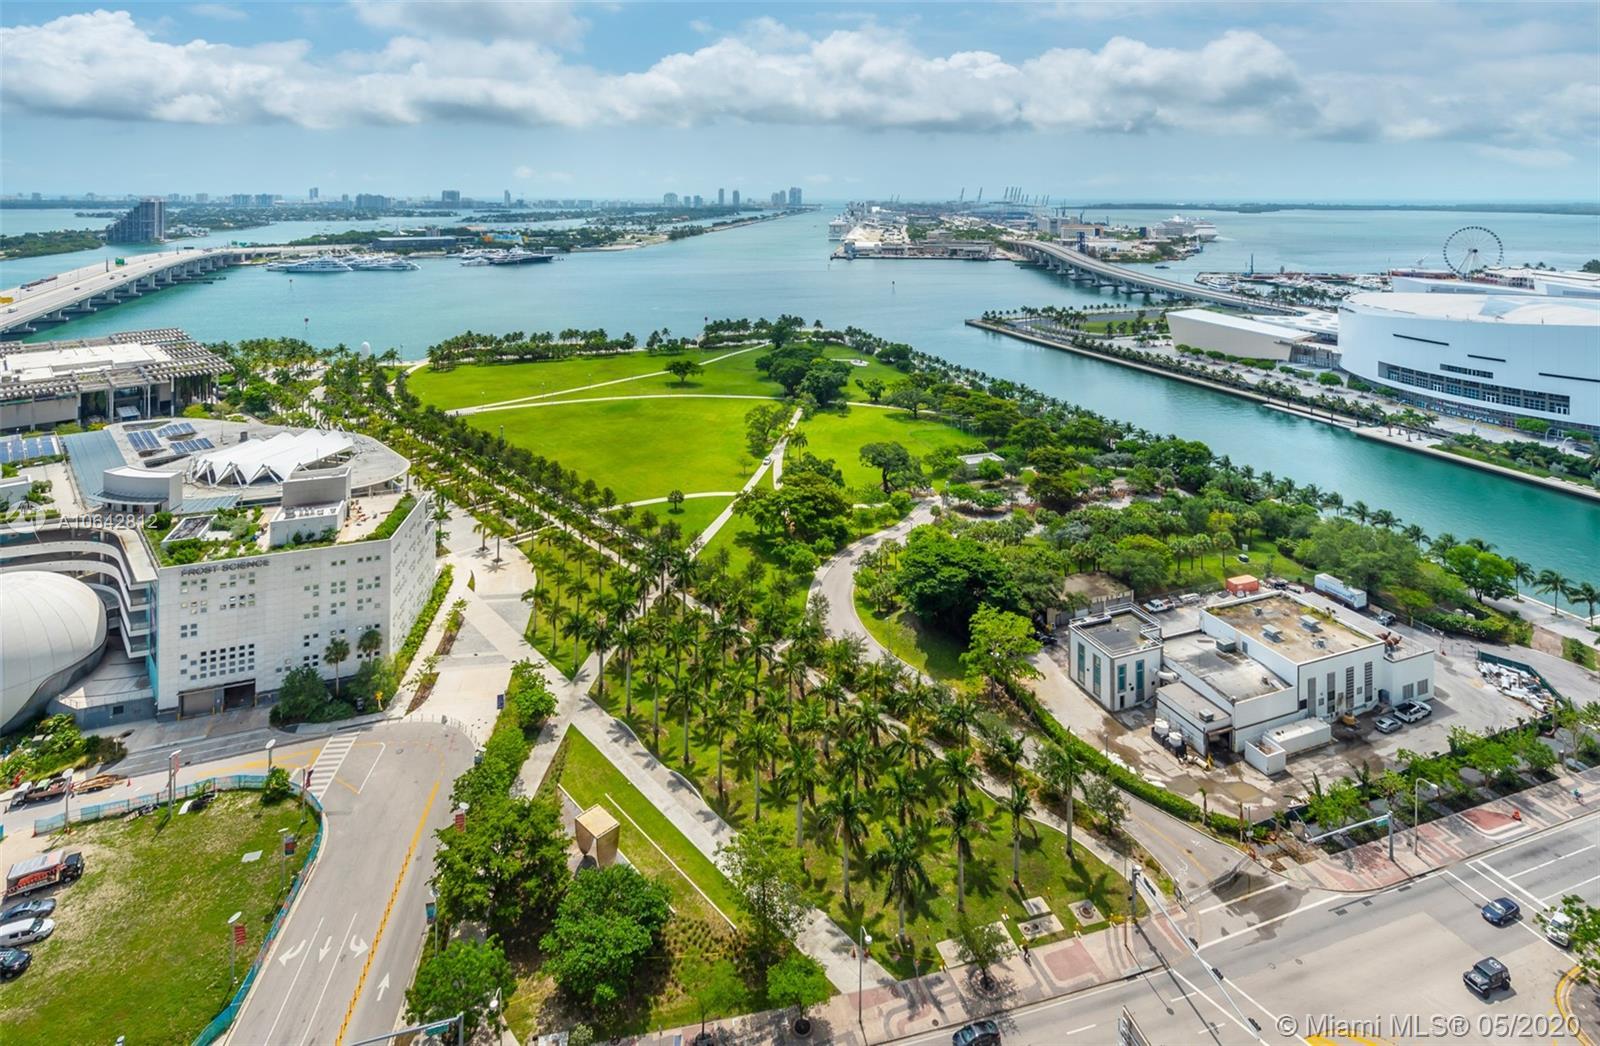 1040 Biscayne Blvd Miami, FL 33132